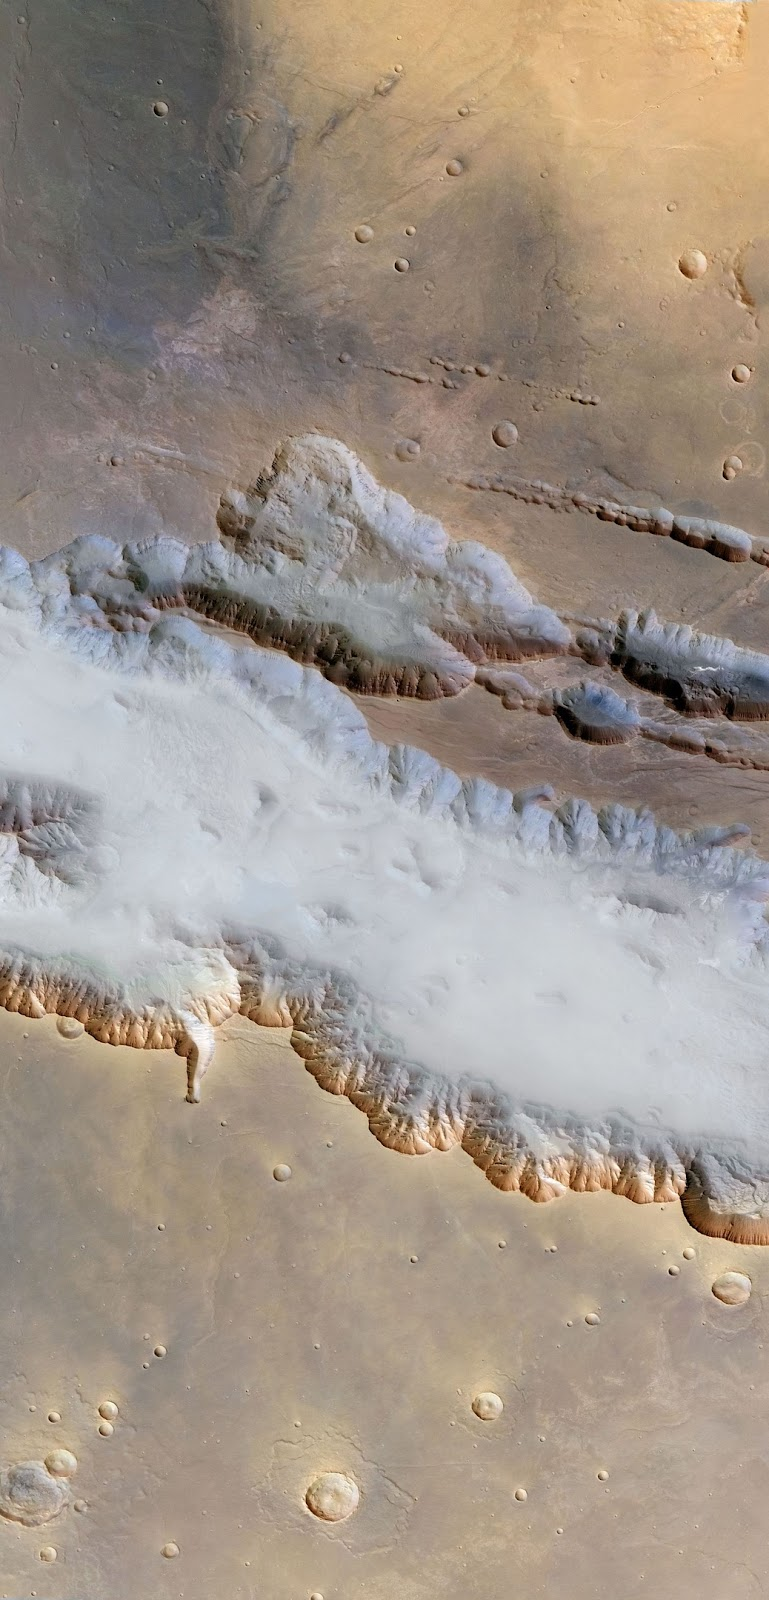 Туманы марсианской долины. Западная часть каньона Валлес Маринес, ширина которого составляет 3 060 км, на фотографии предстает покрытой дымкой водяного тумана и коркой утреннего водяного льда. В некоторых точках глубина каньона достигает 6,5 км, что более чем в три раза глубже Гранд Каньона в Аризоне на Земле